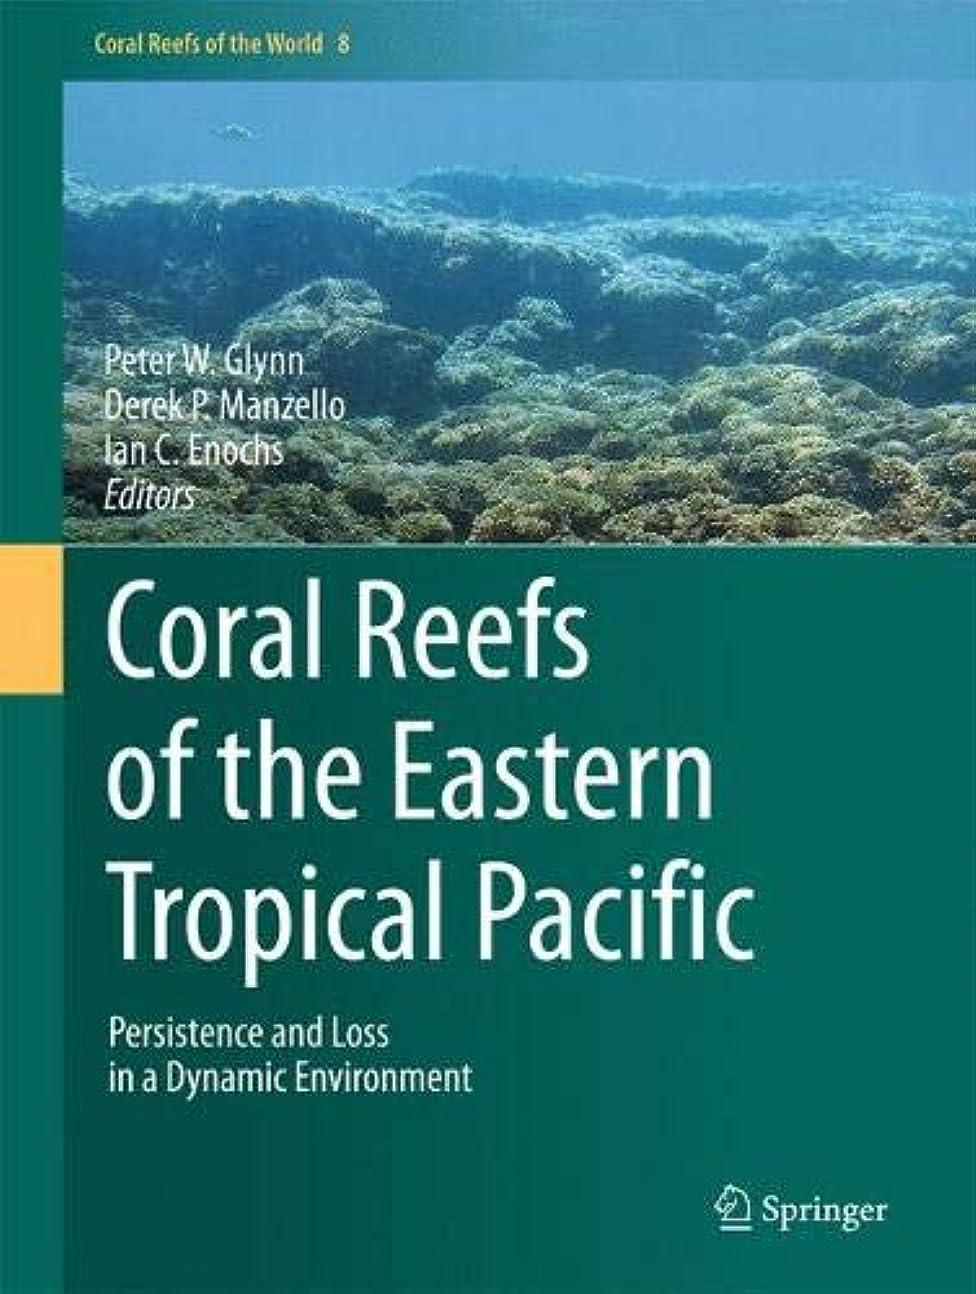 優先巻き戻すりんごCoral Reefs of the Eastern Tropical Pacific: Persistence and Loss in a Dynamic Environment (Coral Reefs of the World)